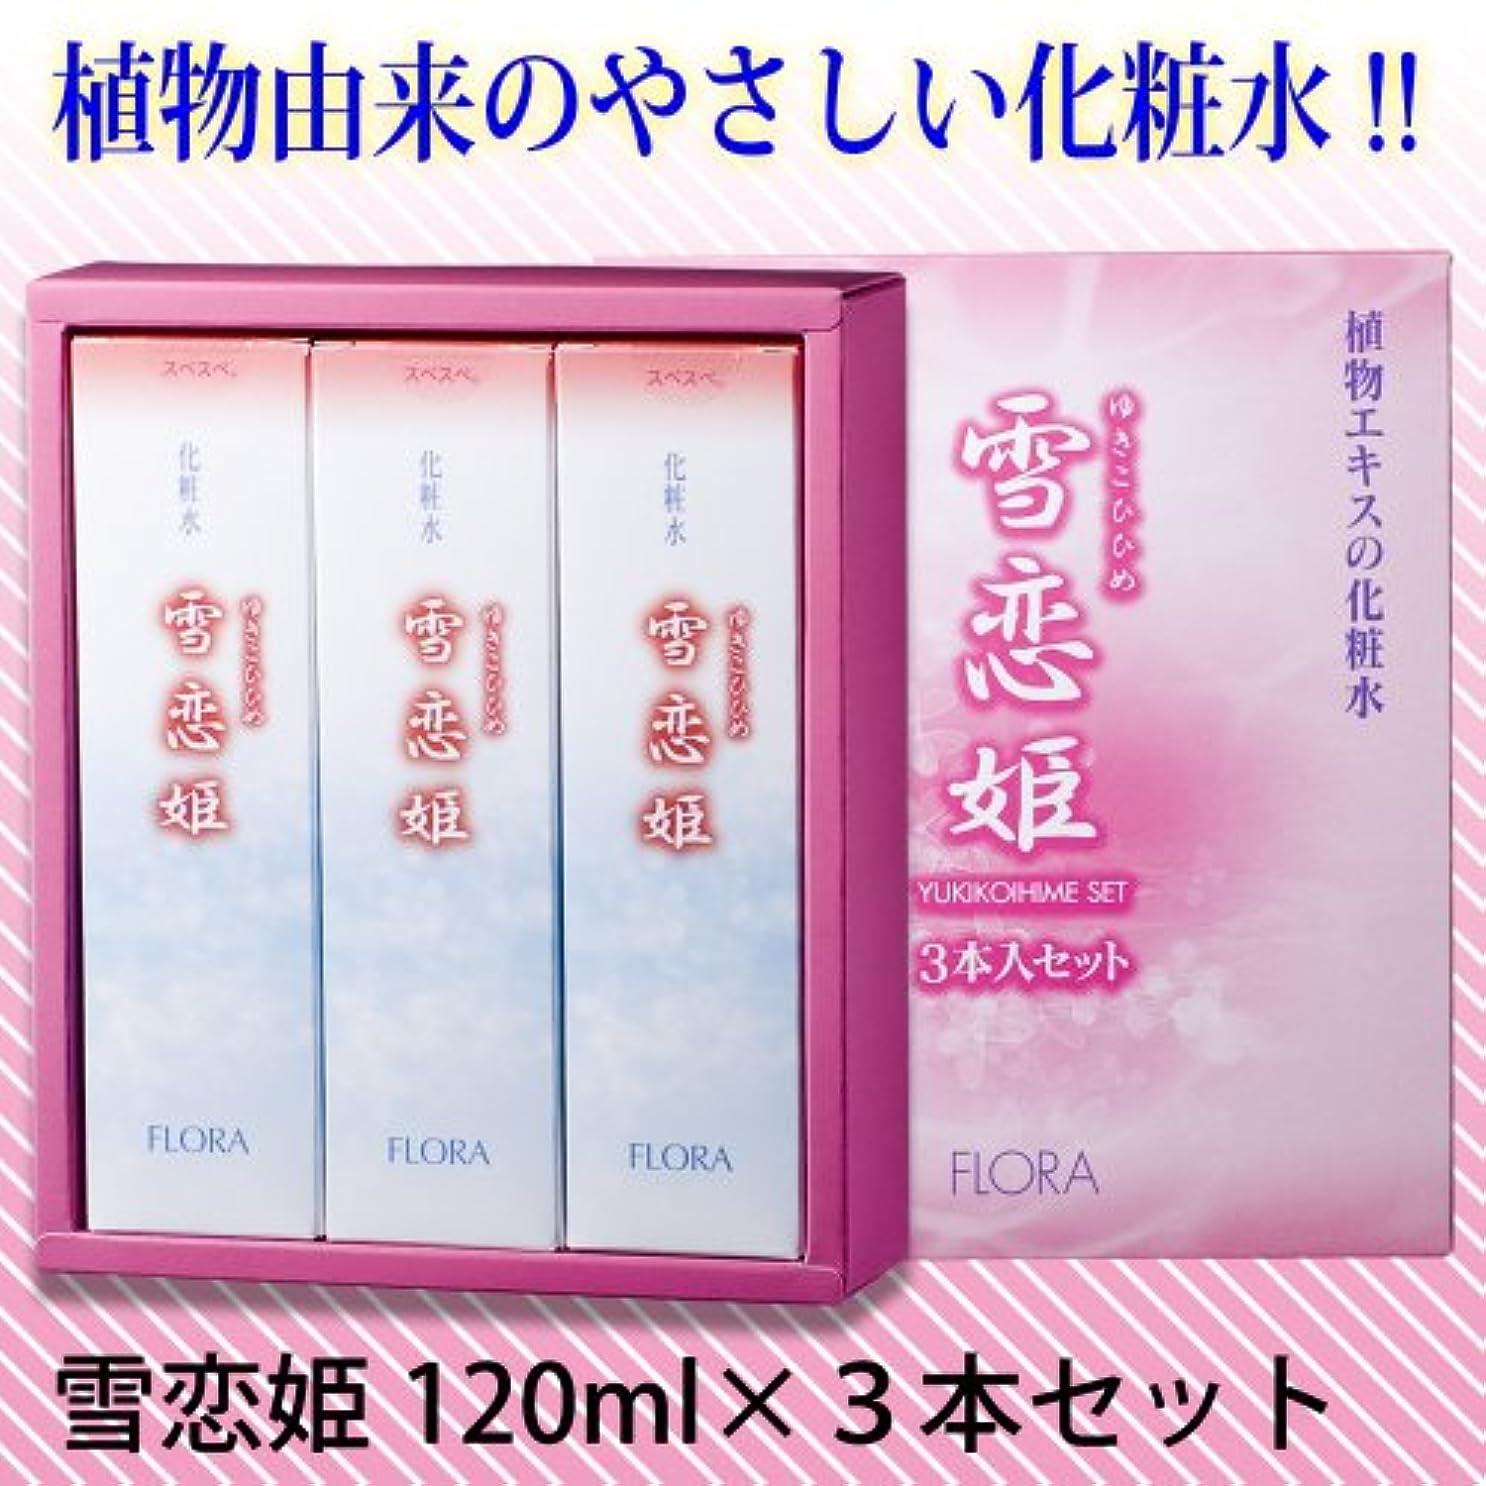 機動コメンテータープレミアム雪恋姫 化粧水 120ml×3本セット